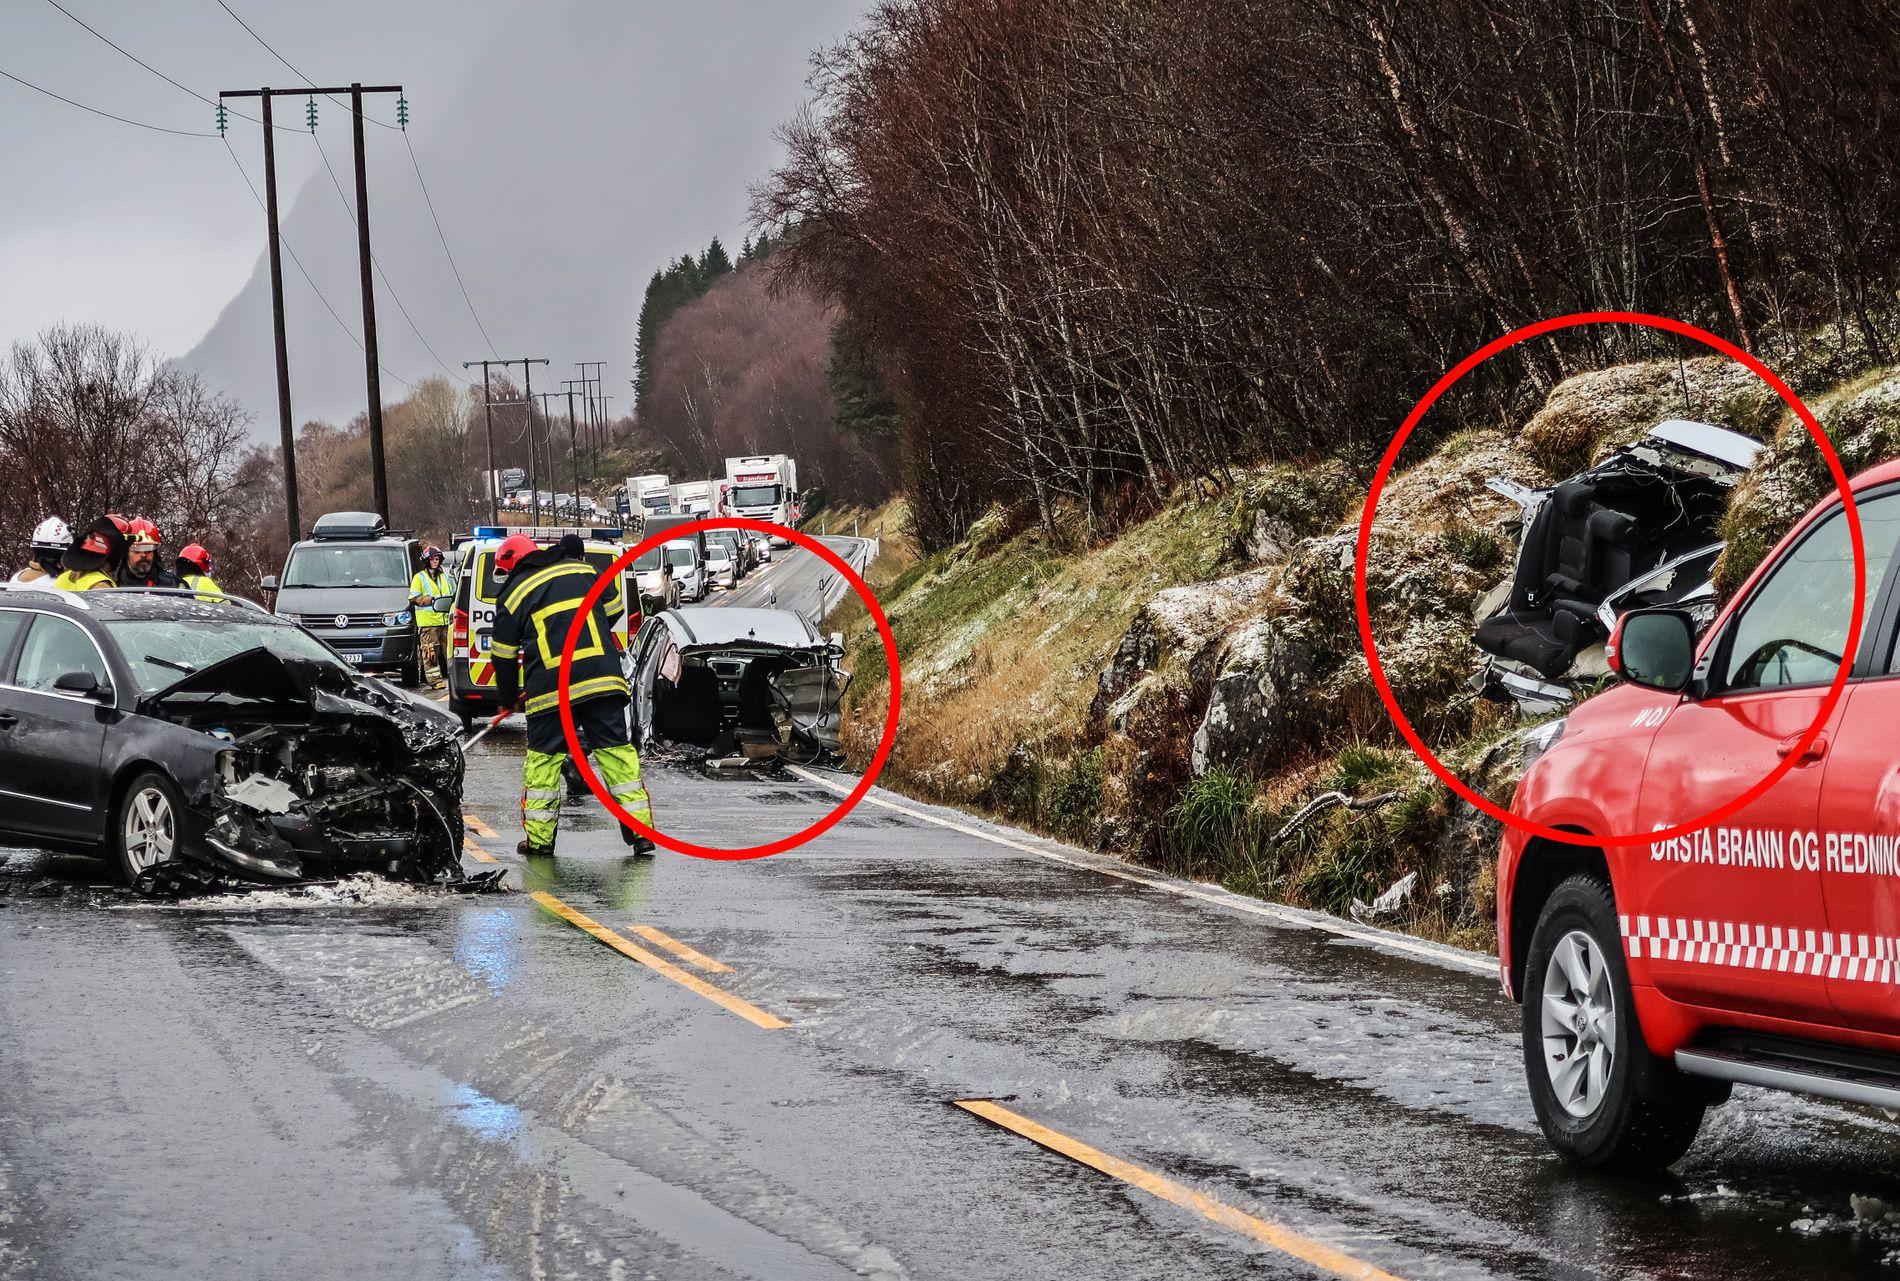 KUTTET I TO: Den voldsomme ulykken førte til at den ene bilen ble delt i to – men føreren slapp fra det med lettere skader.